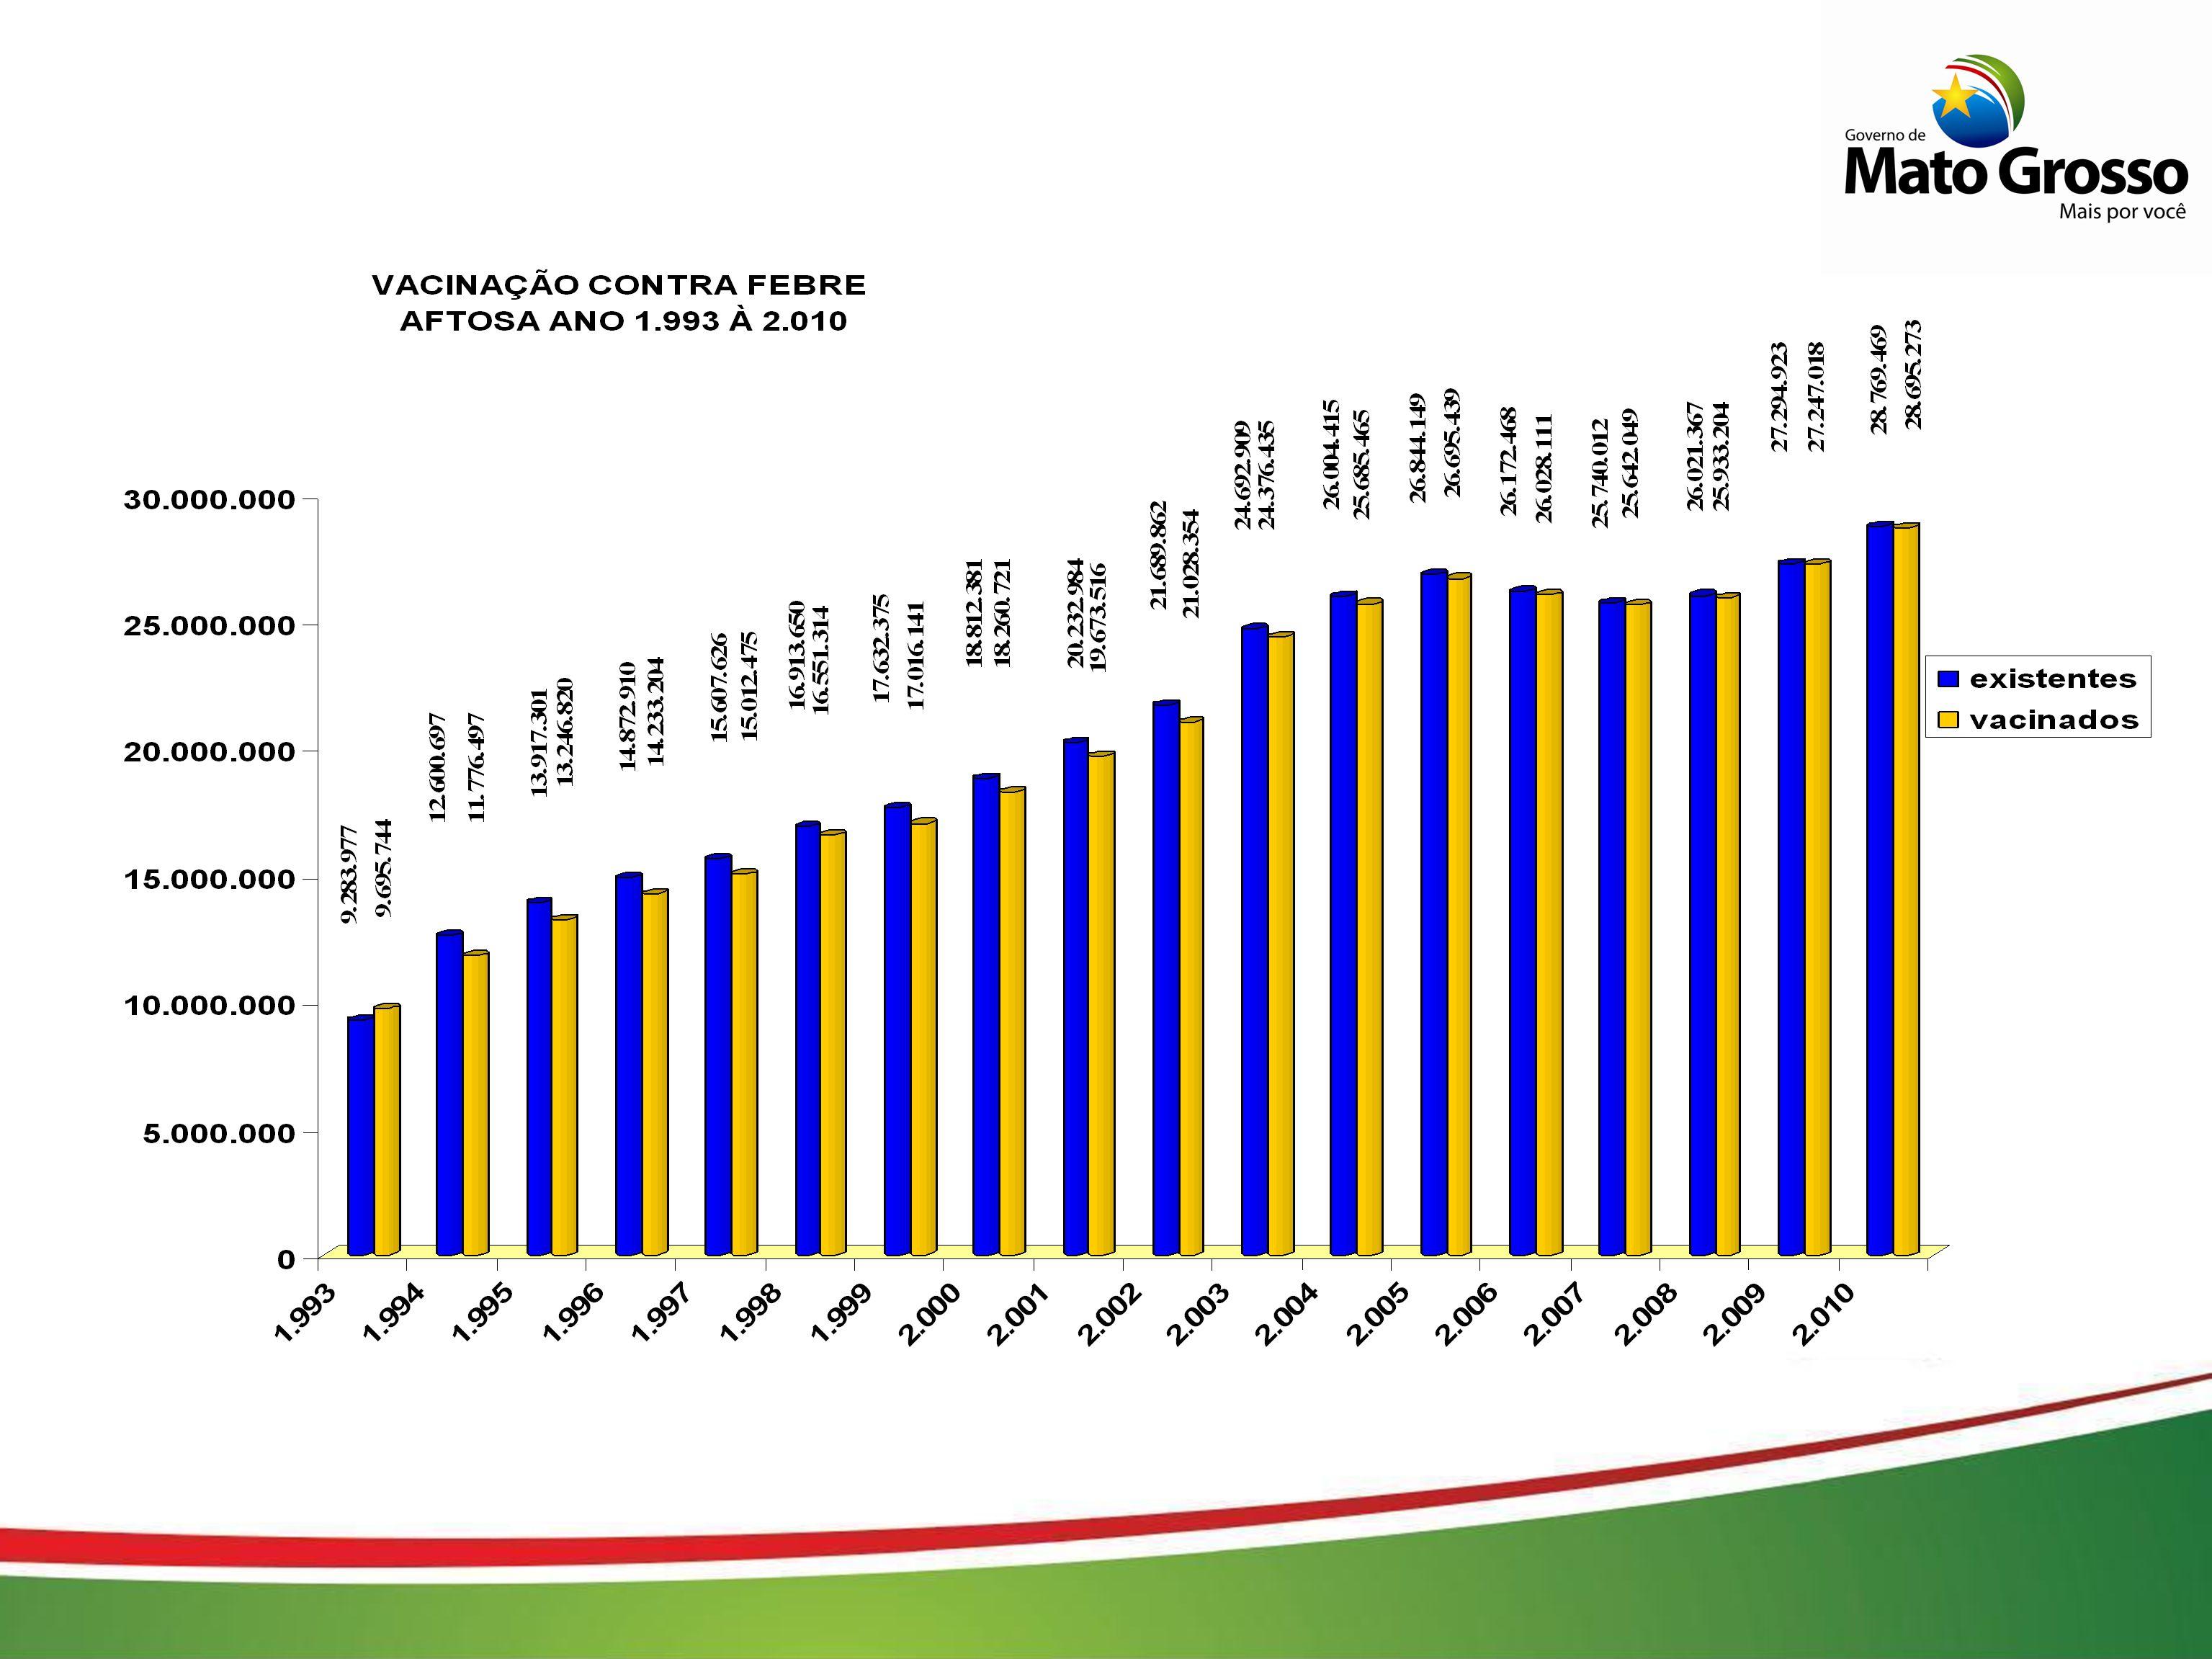 Etapa de Vacinação 1-2011 De 1 a 28 de Fevereiro Bovinos e bubalinos de 0 – 12 meses Propriedades localizadas na faixa de 15 Km da Fronteira com a Bolívia aproximadamente 584 propriedades e 110 mil bovinos e bubalinos Vacinação com agulha oficial custeada pelos próprios produtores através do FESA